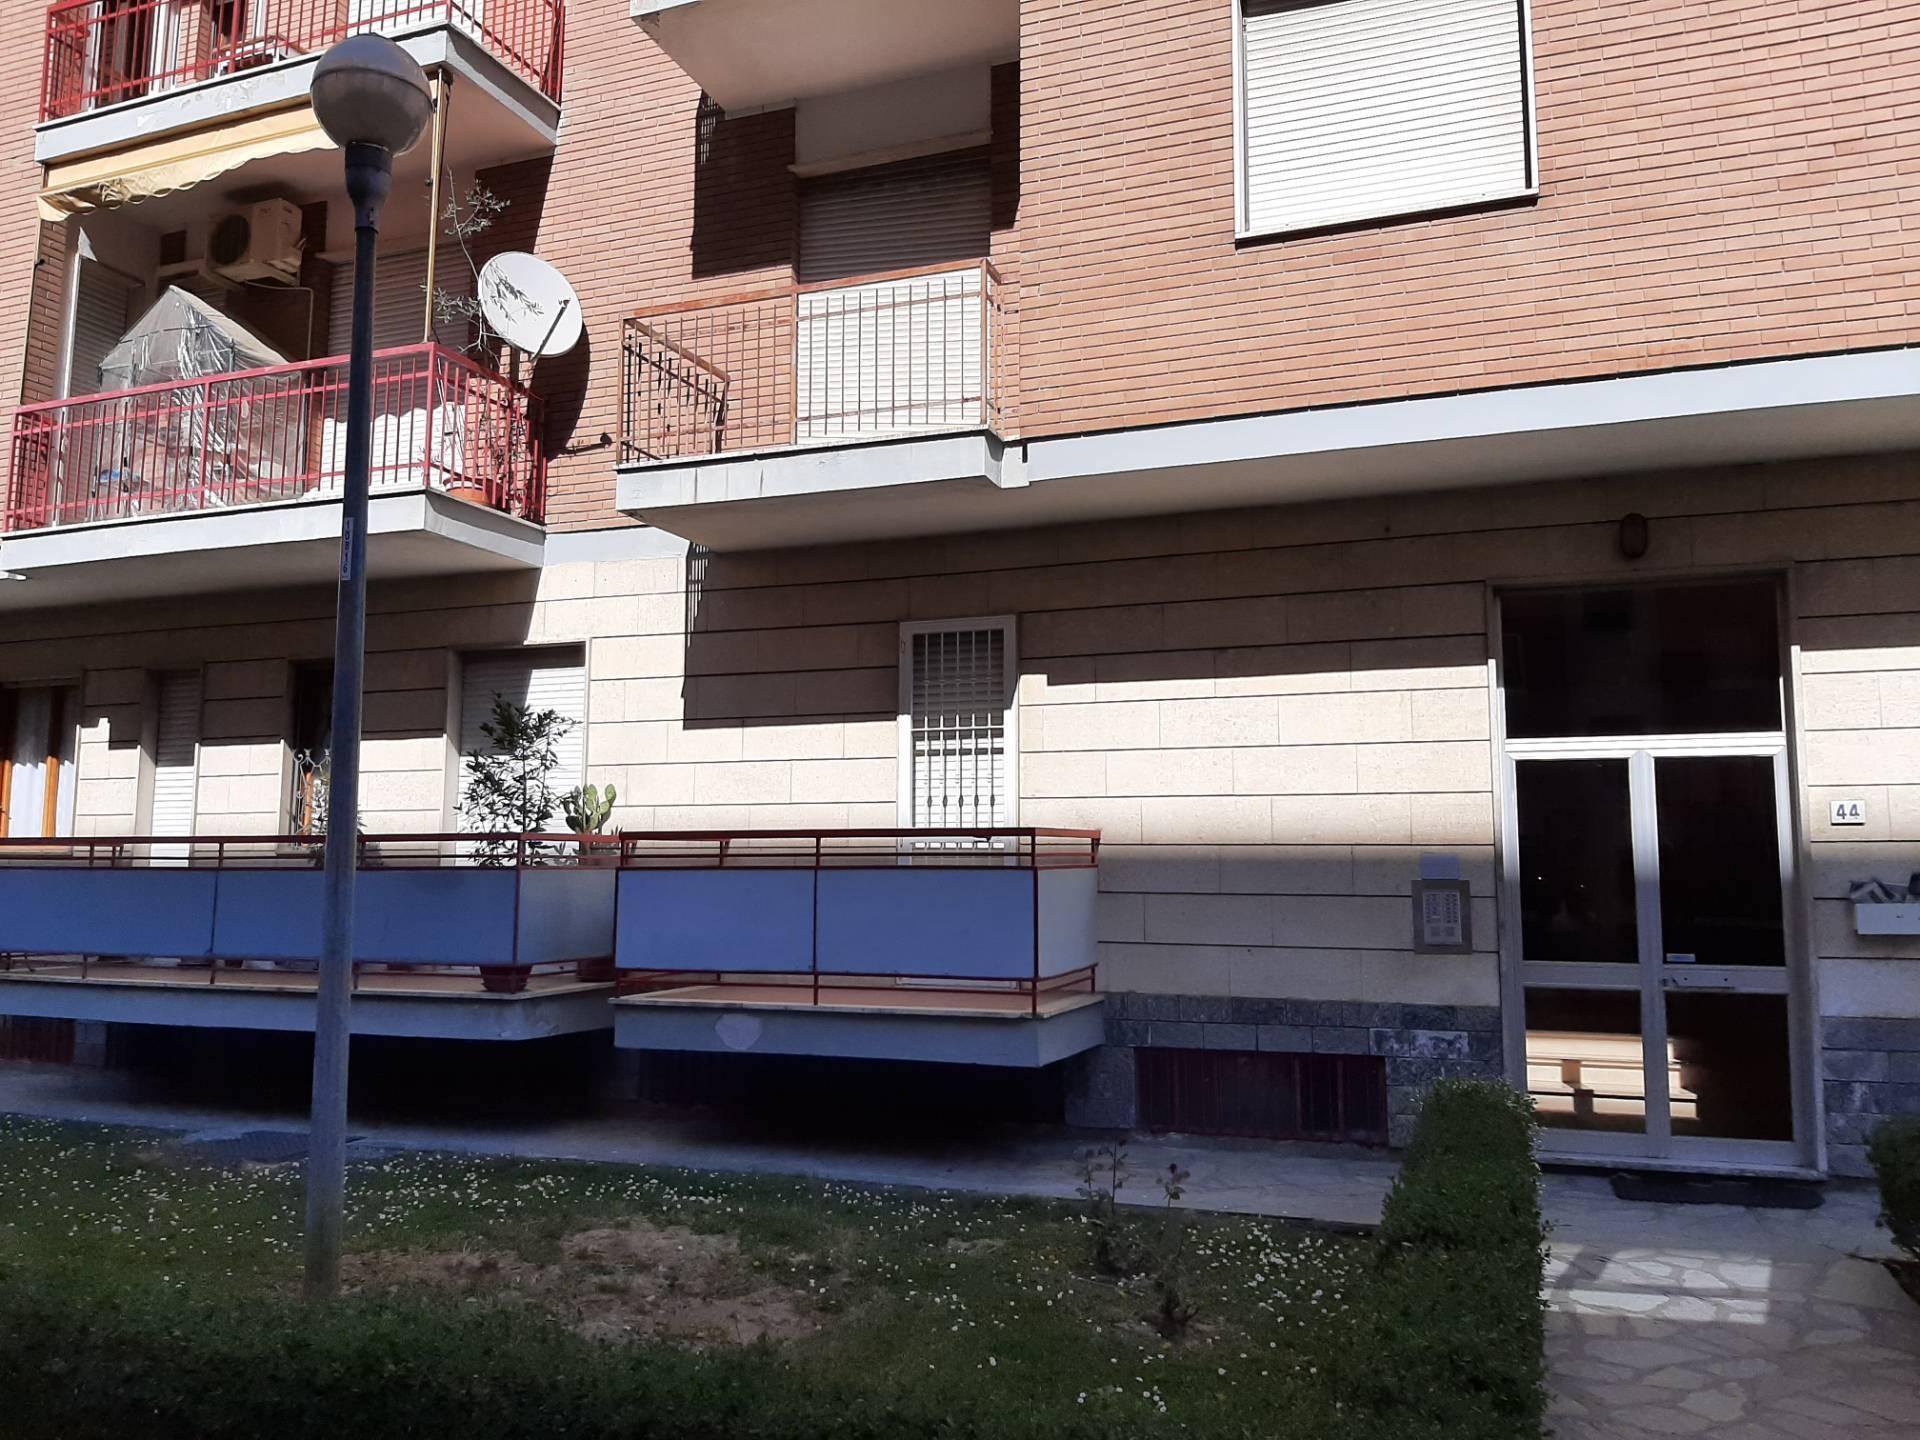 Appartamento in affitto a Cristo, Alessandria (AL)